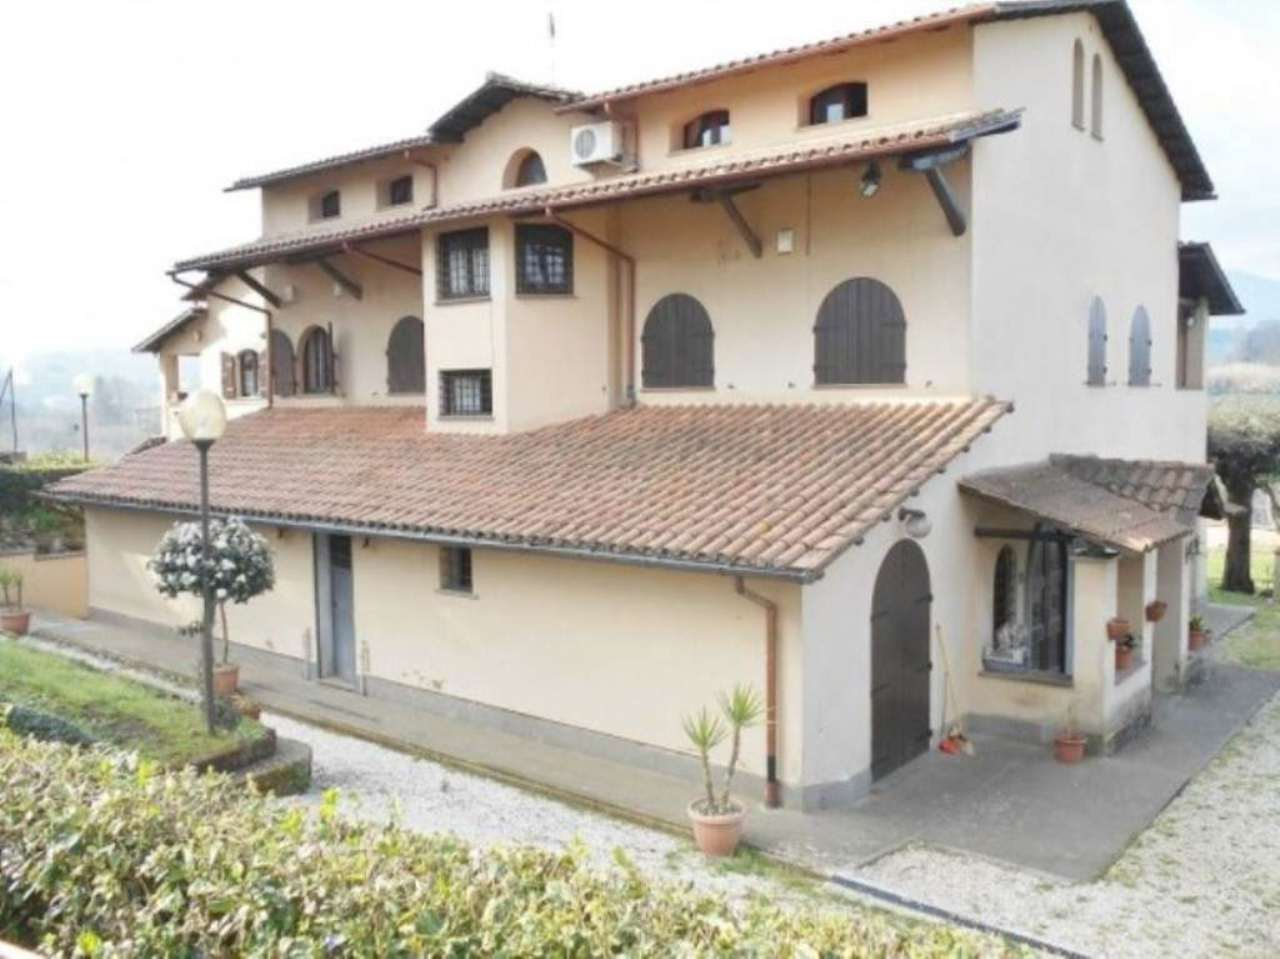 Villa in vendita a San Cesareo, 9 locali, prezzo € 1.450.000 | CambioCasa.it